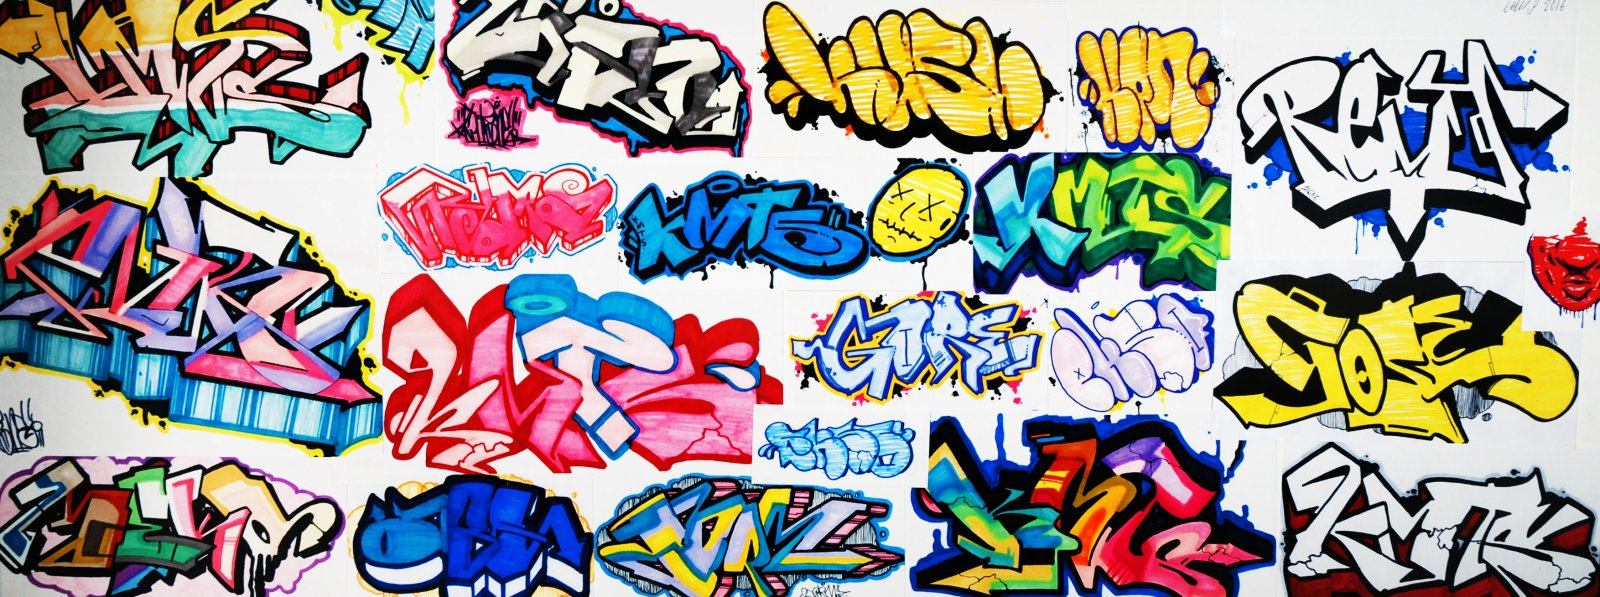 Eetu Pitkänen graffiti 2016